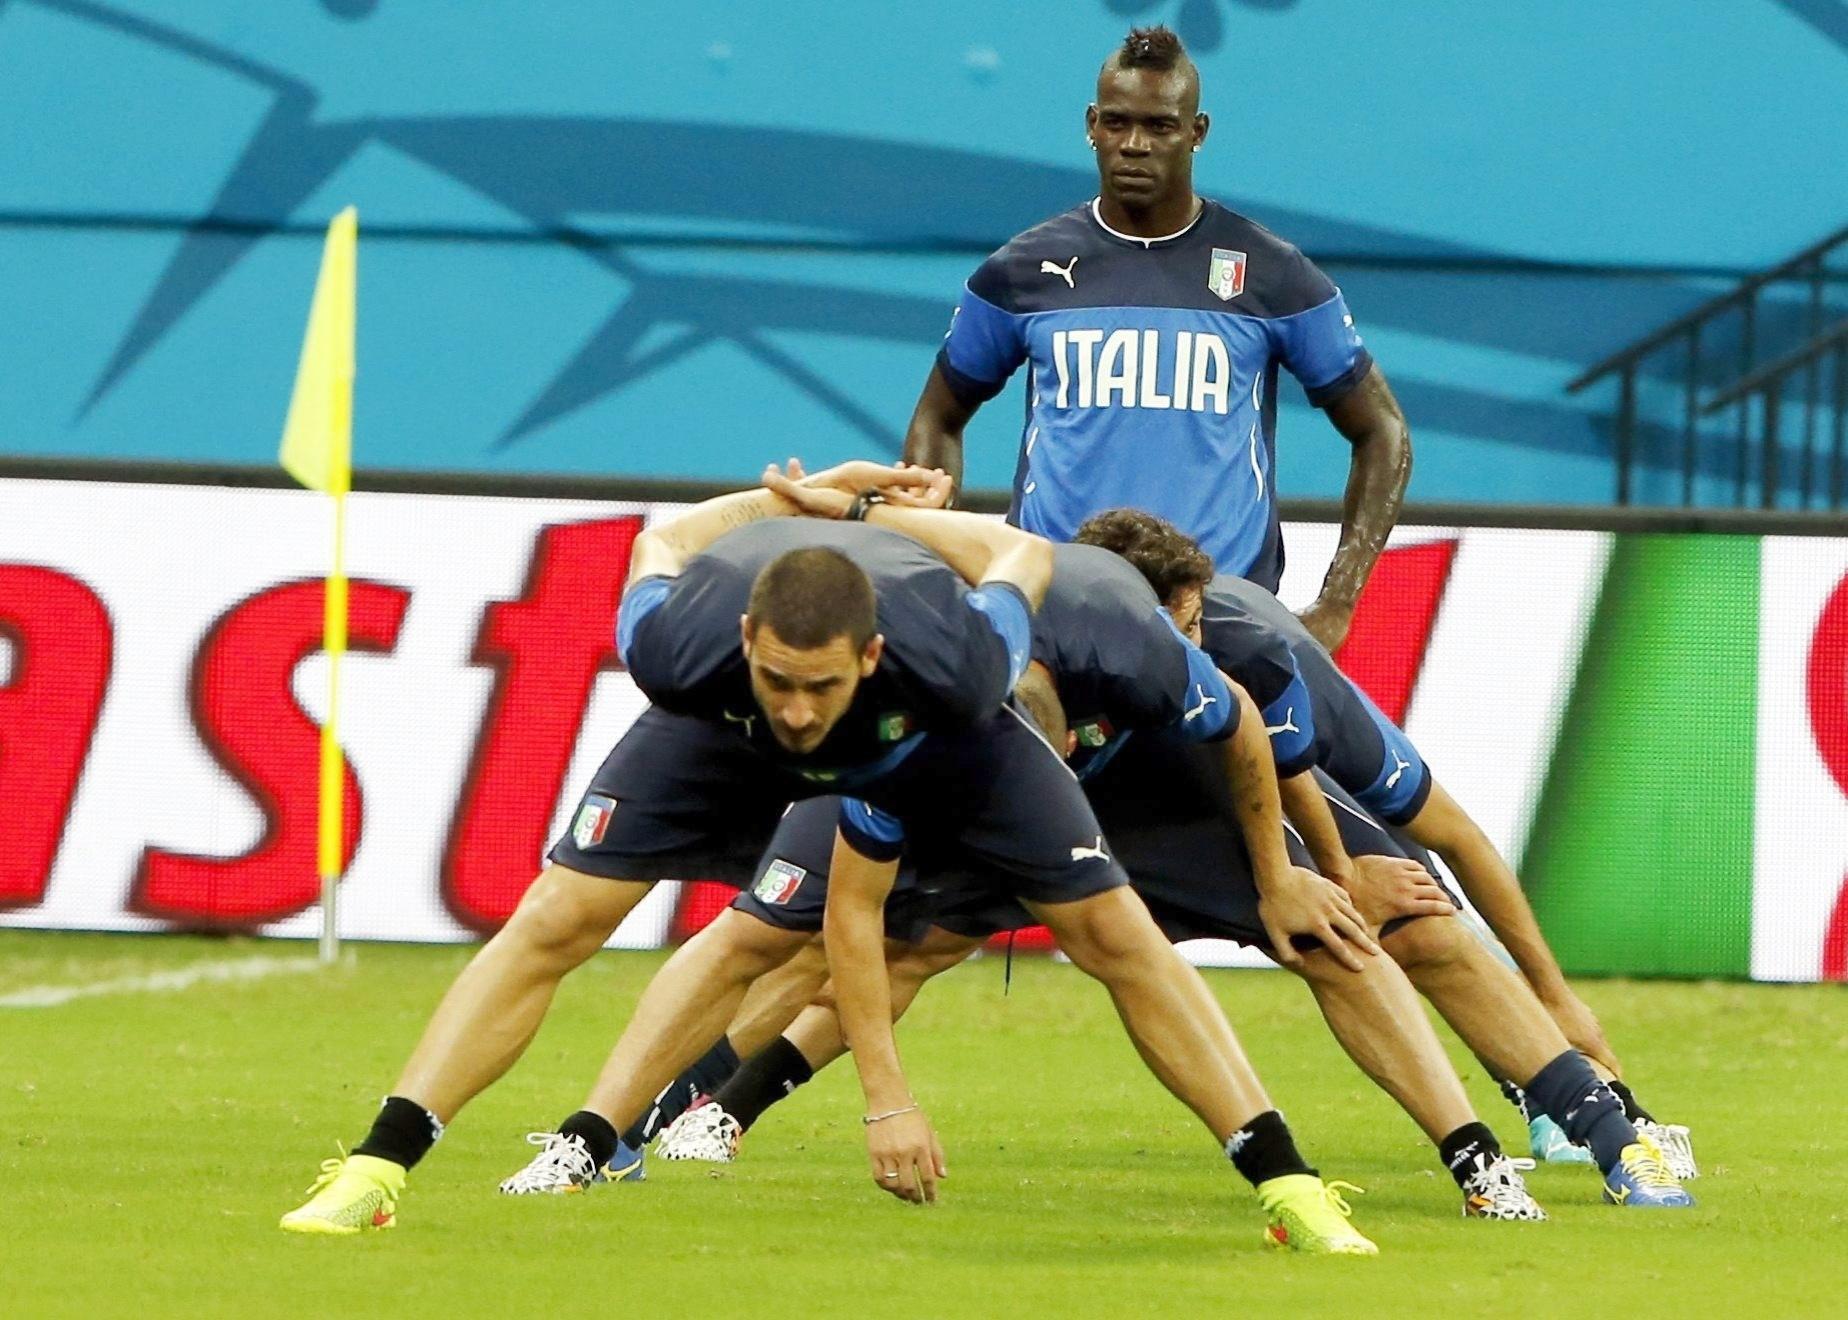 Último da fila em treinamento, Mario Balotelli deixa companheiros de Itália em atividade. A Itália estreia neste sábado, contra a Inglaterra